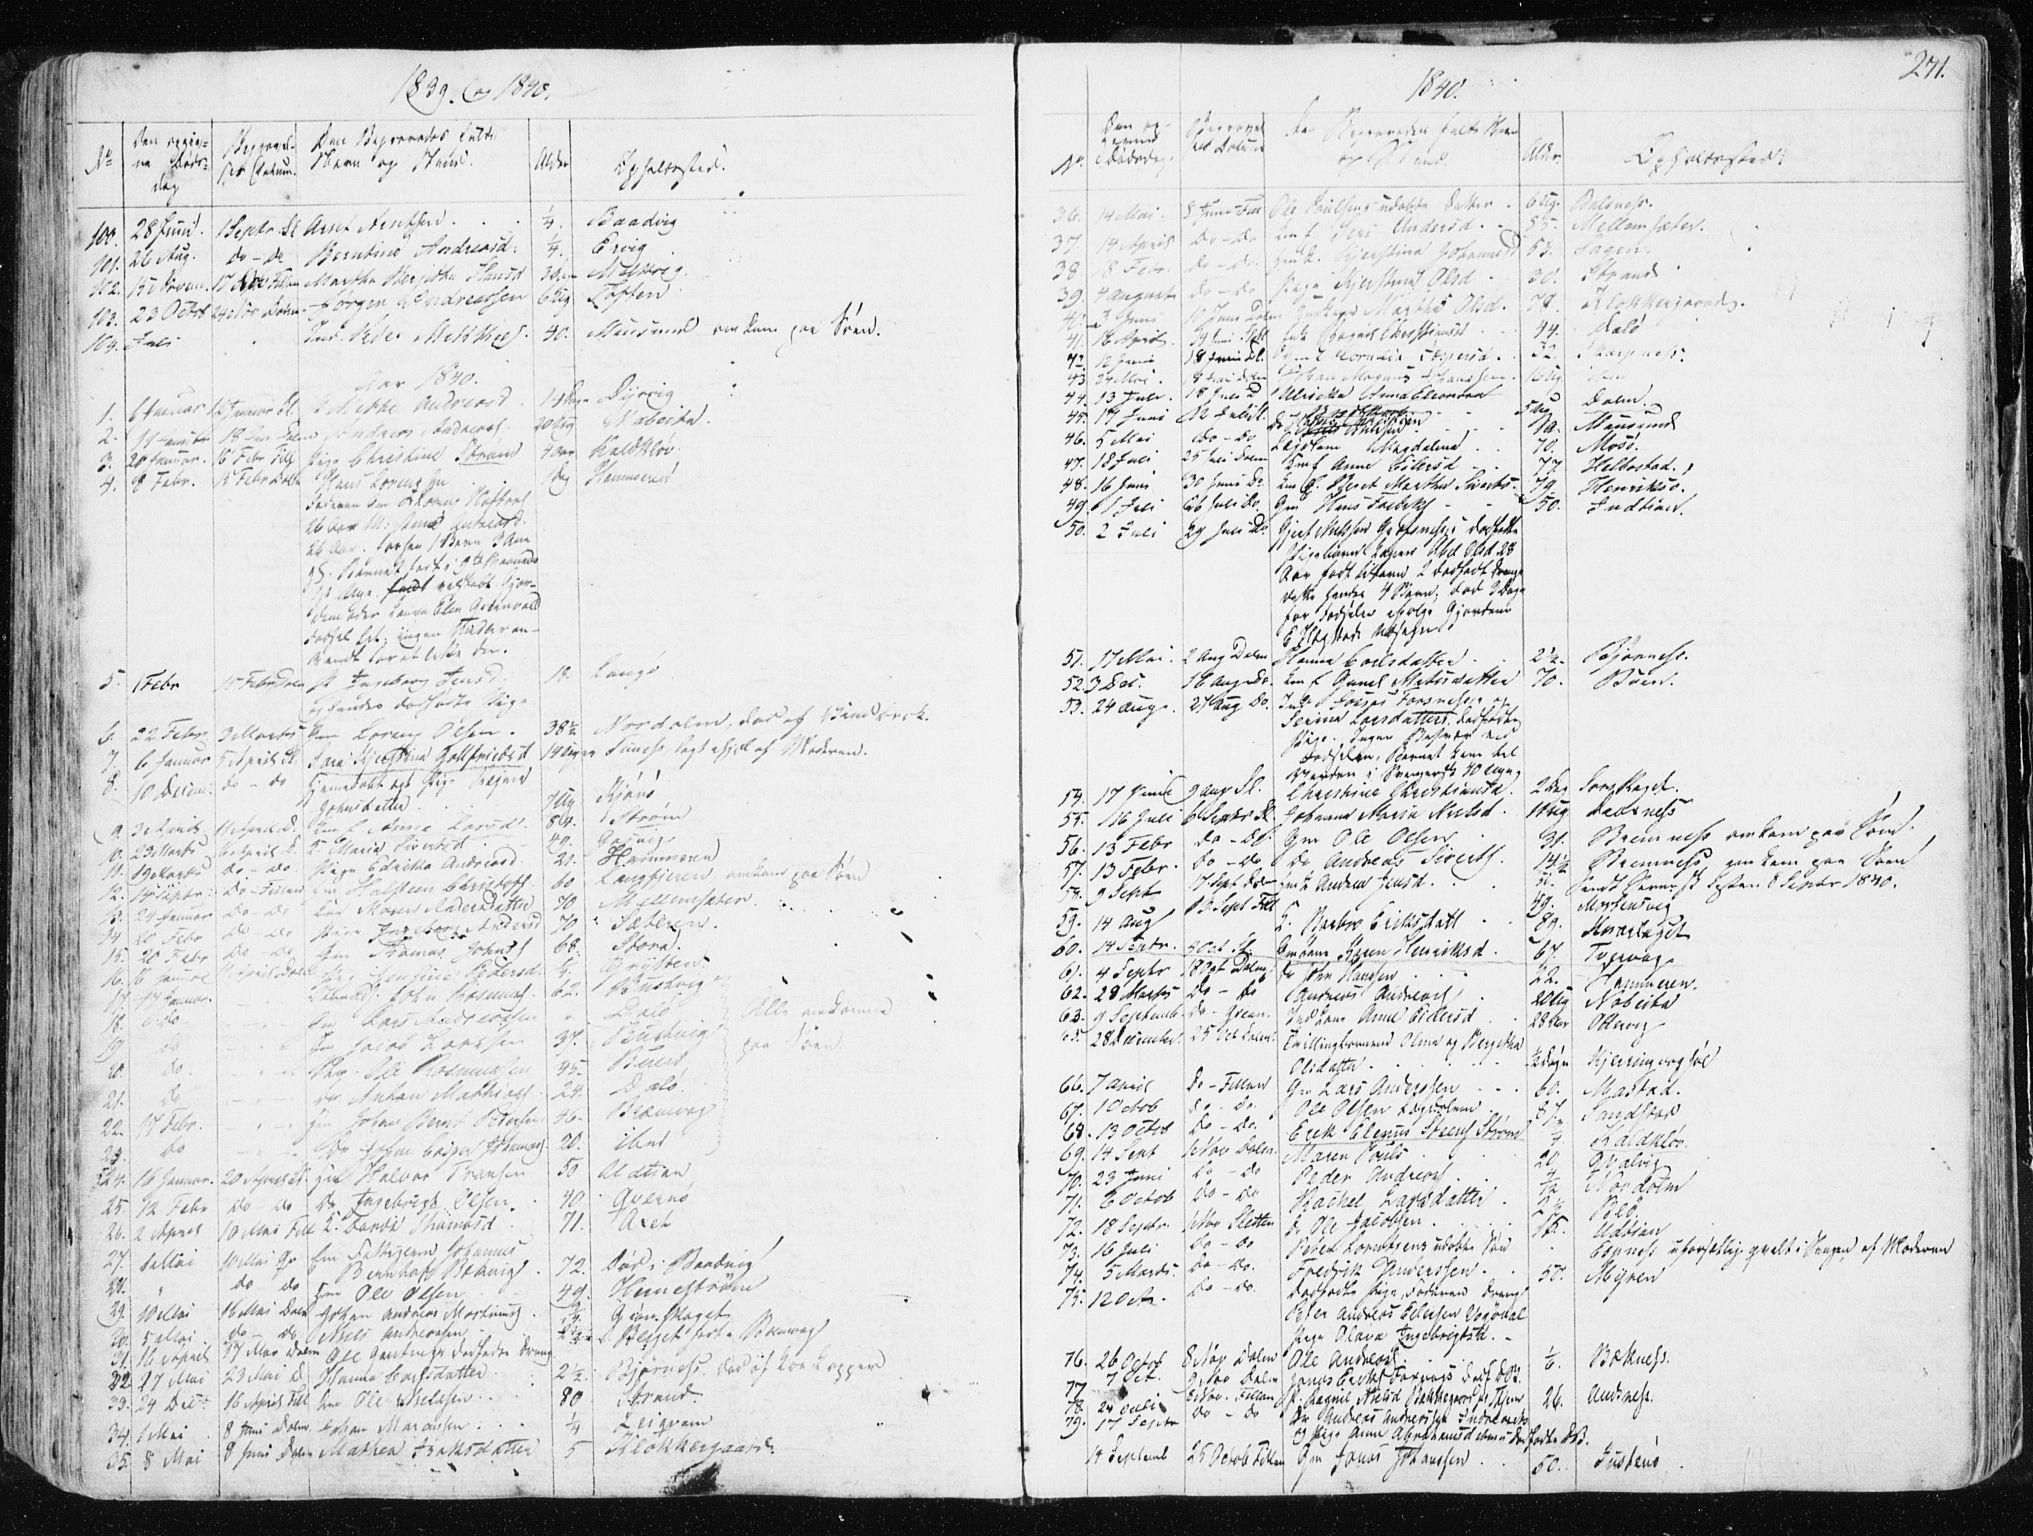 SAT, Ministerialprotokoller, klokkerbøker og fødselsregistre - Sør-Trøndelag, 634/L0528: Ministerialbok nr. 634A04, 1827-1842, s. 271